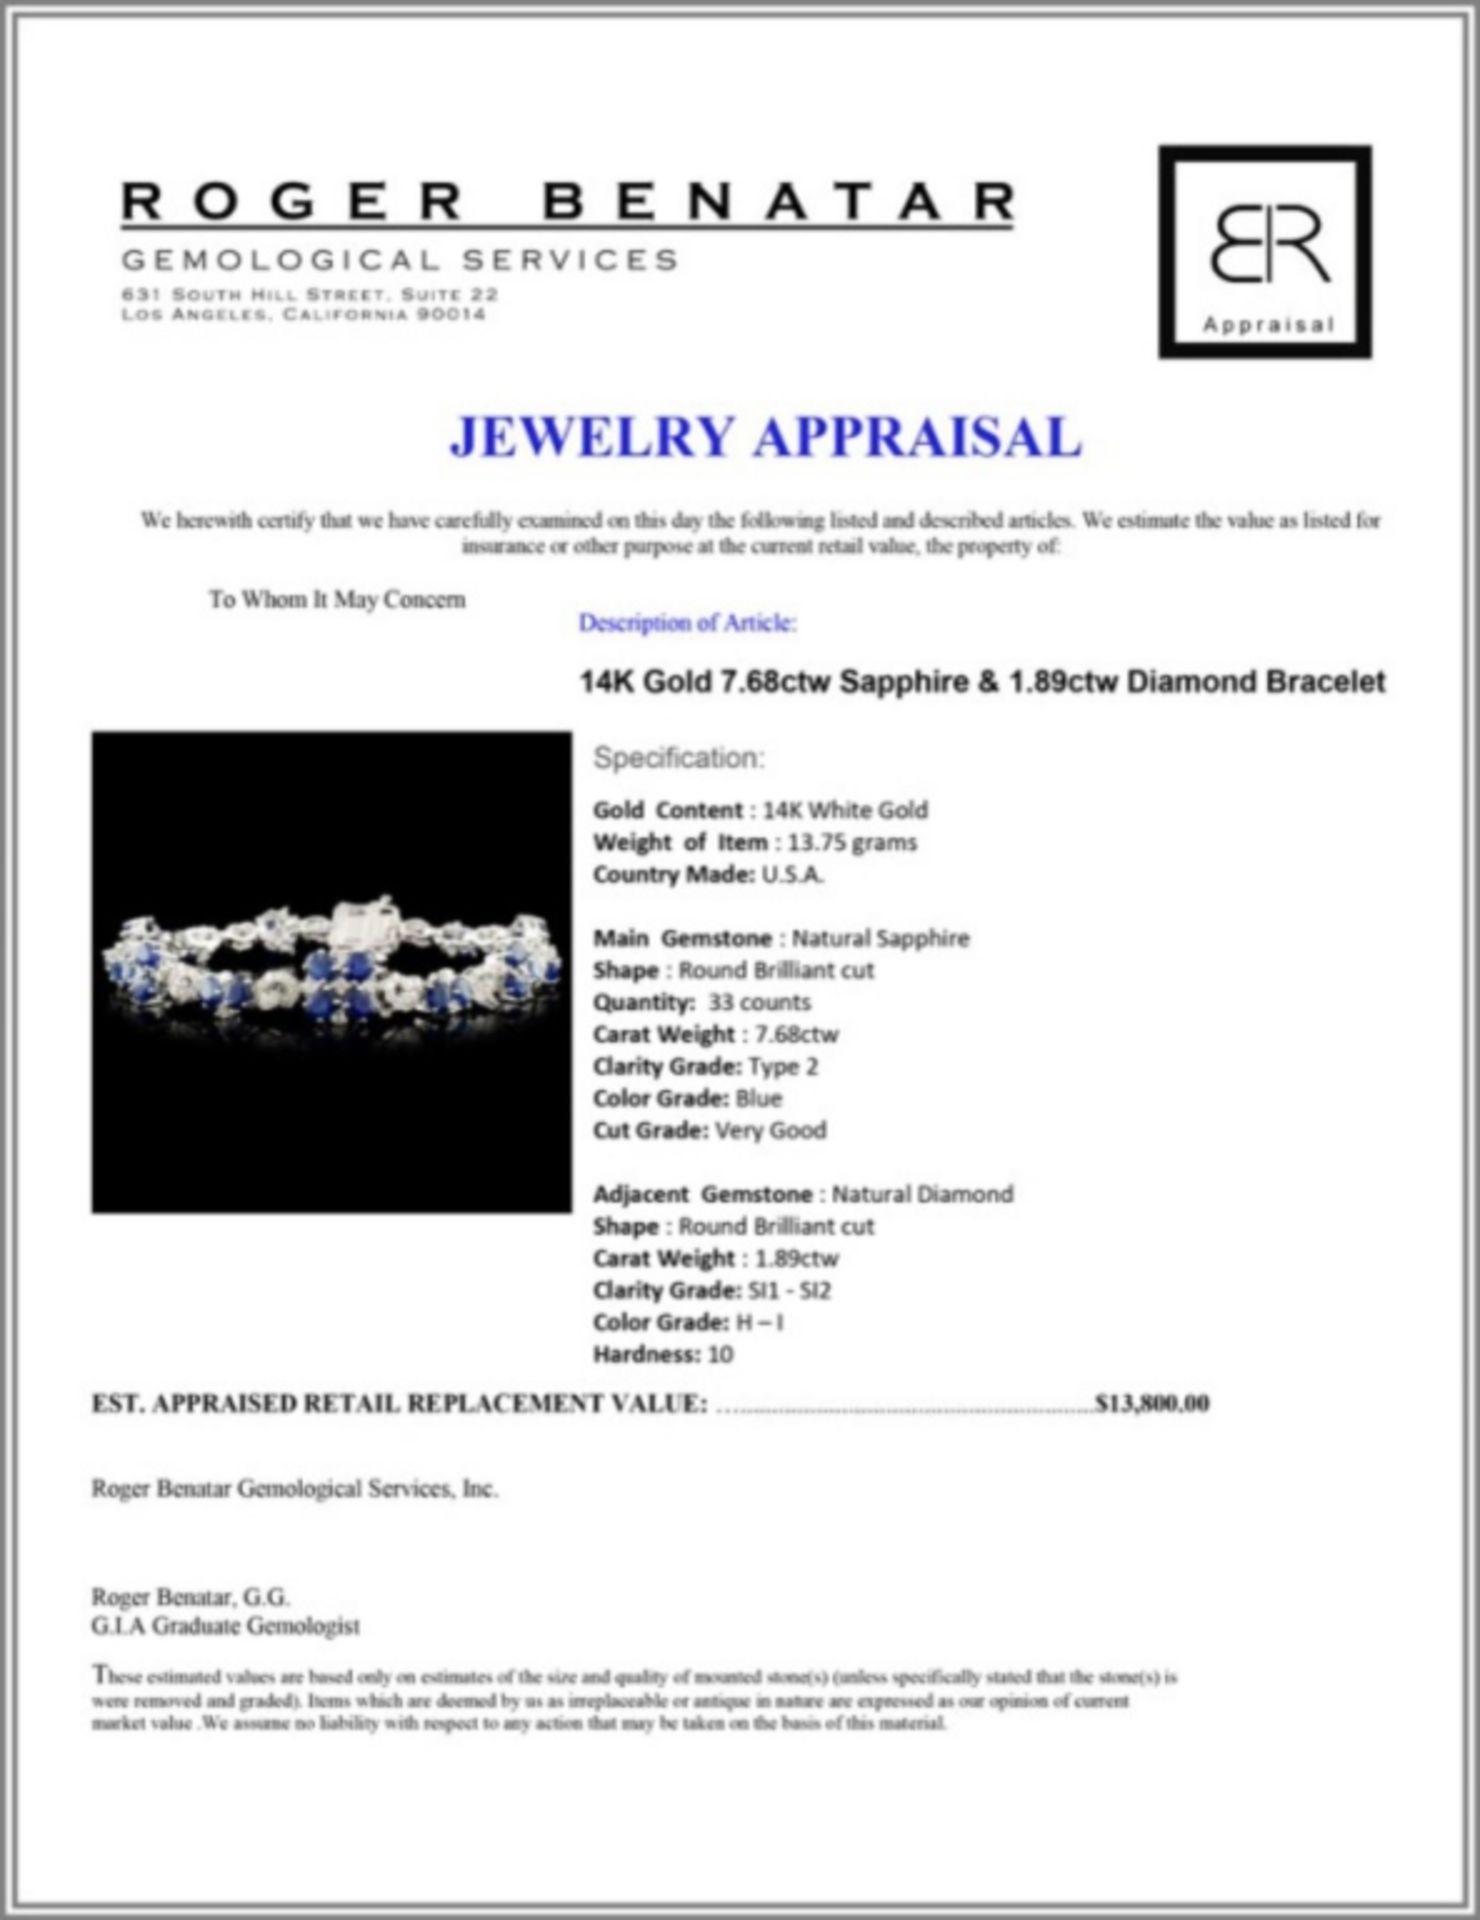 14K Gold 7.68ctw Sapphire & 1.89ctw Diamond Bracel - Image 3 of 3